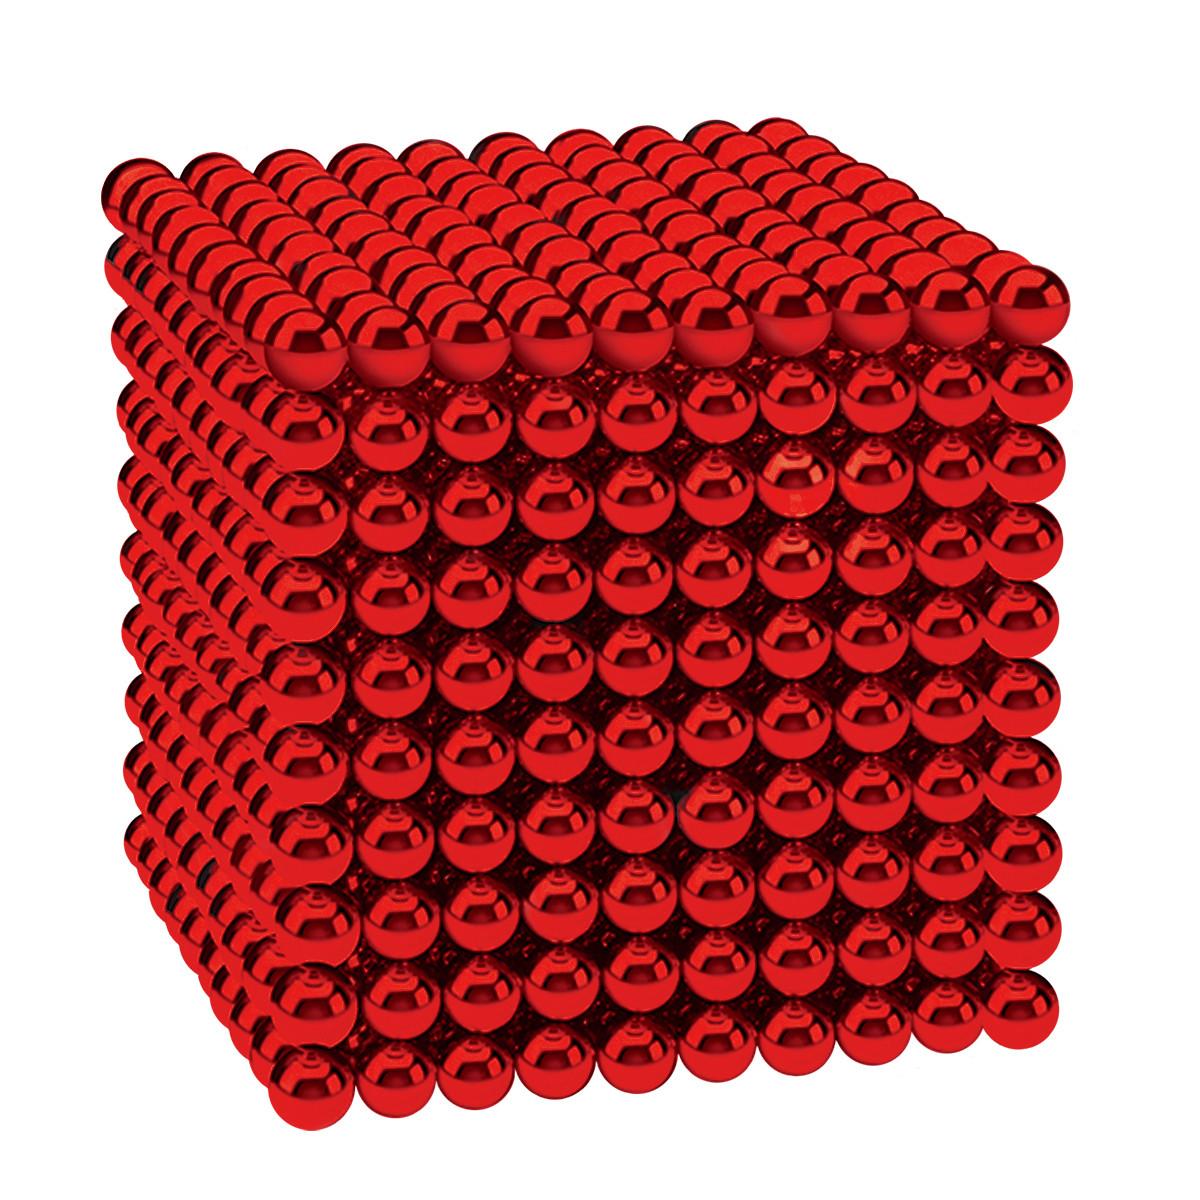 Магнитные шарики-головоломка SKY NEOCUBE (D5) комплект (1000 шт) Red